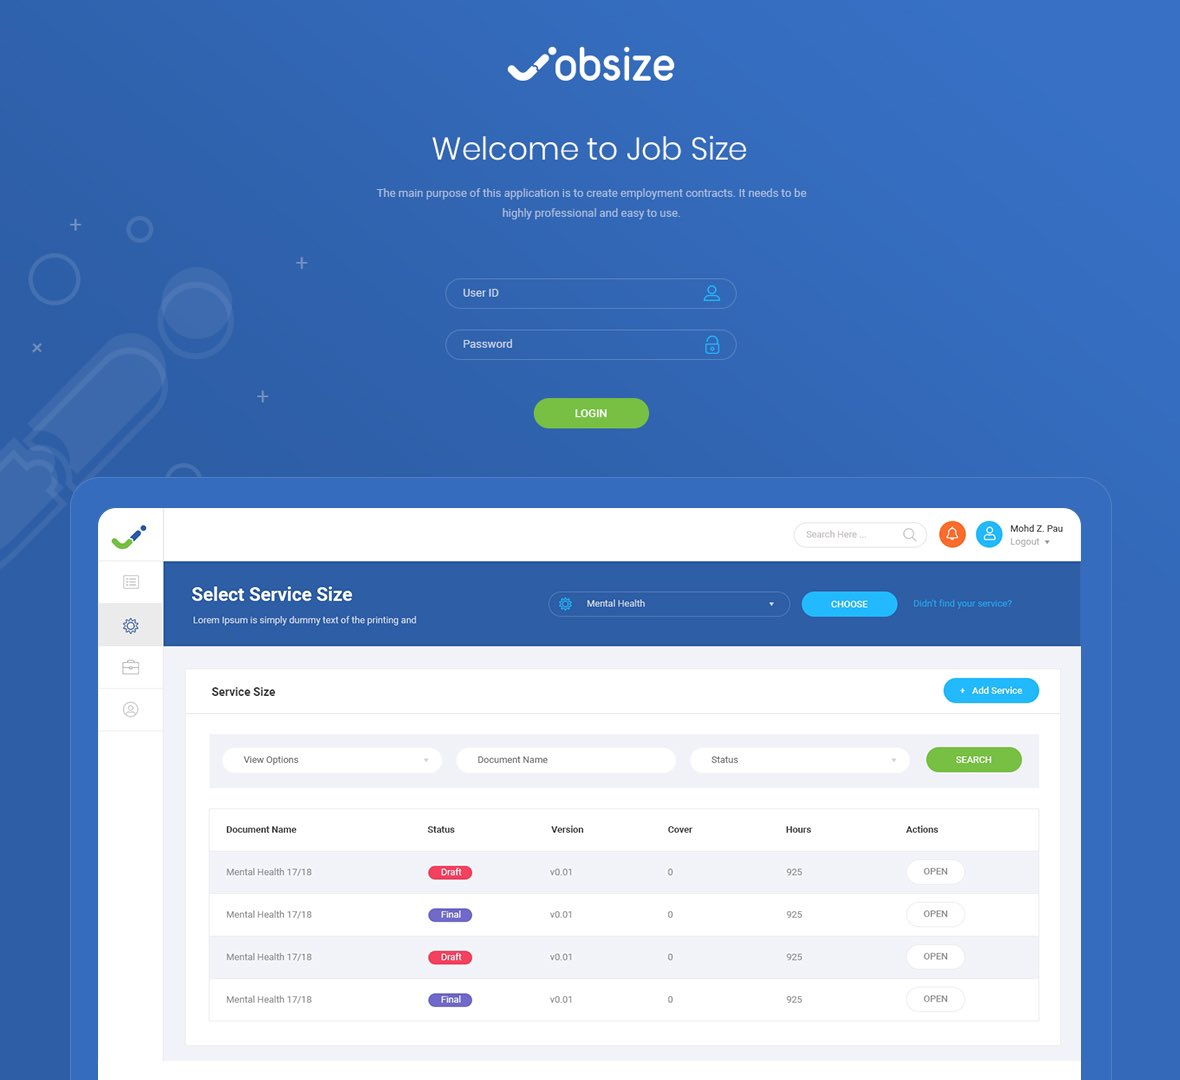 User interface design for Jobsize dashboard to create employment contracts.  تصميم واجهة المستخدم للوحة تحكم خاصة باعداد عقود الموظفين.  #ui #ux #webdesign #websitedesign #designer #dashboardlayout #dashboard #dashboarddesign  #تصميم_مواقع #تصميم_واجهات   #لوحة_تحكم #مصمم_مواقع https://t.co/PynVJqSI8h